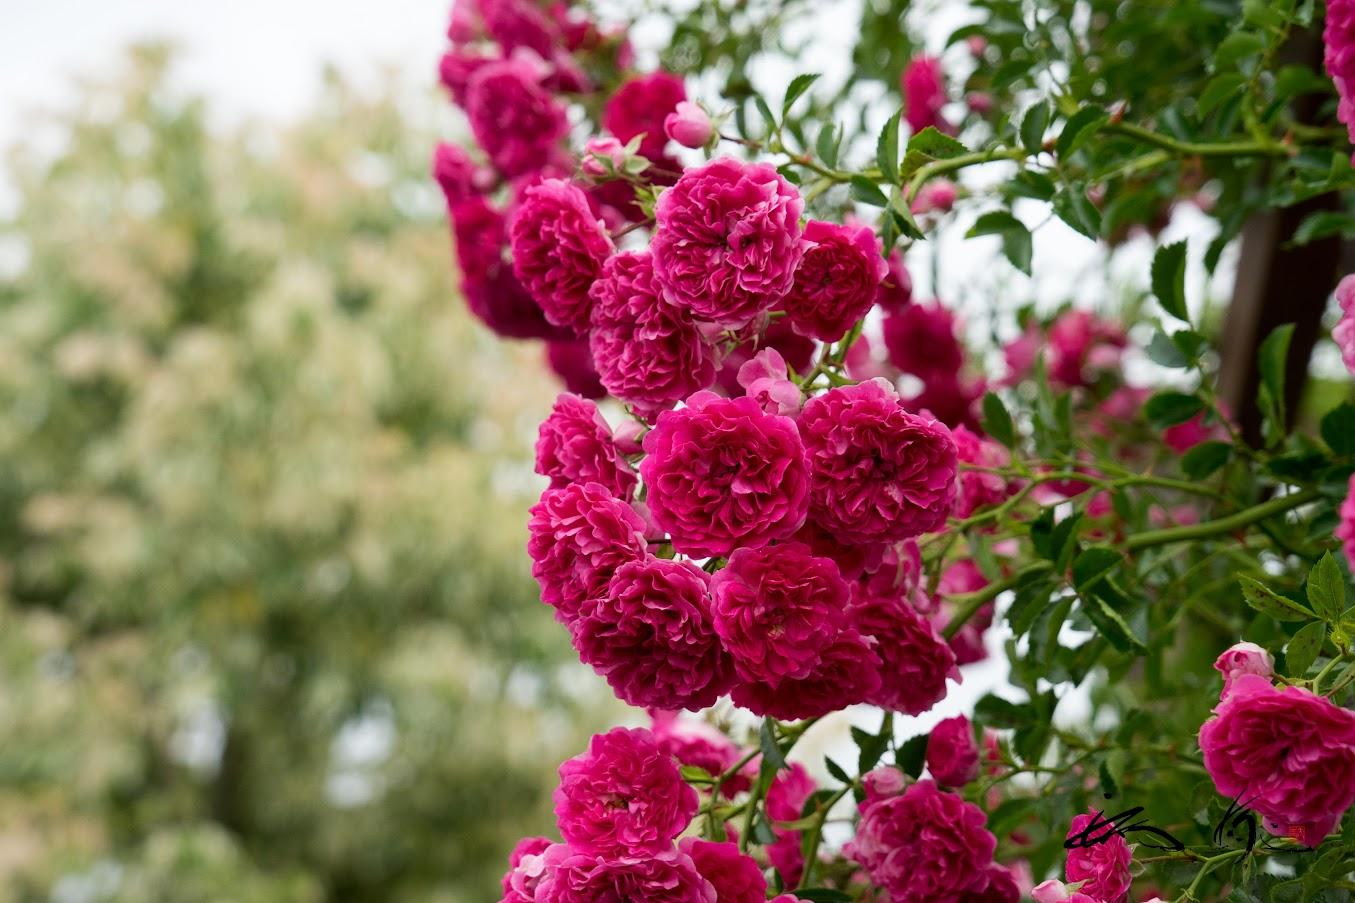 優麗な薔薇の花たち♡